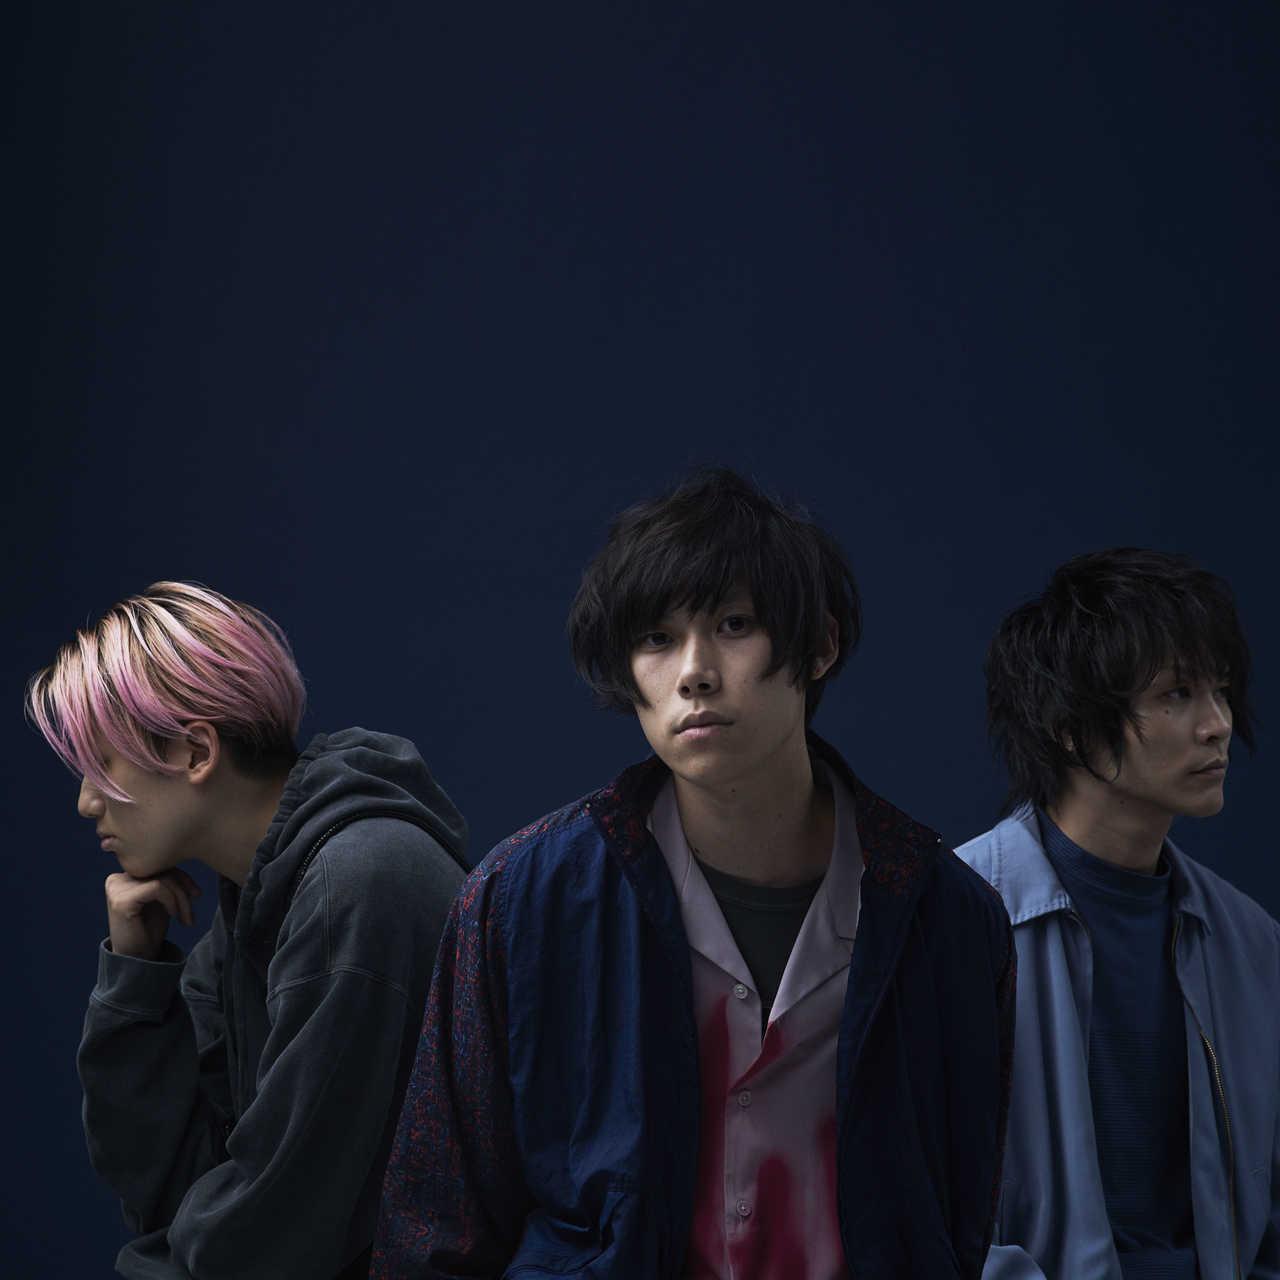 L→R カミヤマ リョウタツ(Ba)、エンドウ アンリ(Gu&Vo)、シミズ ヒロフミ(Dr)